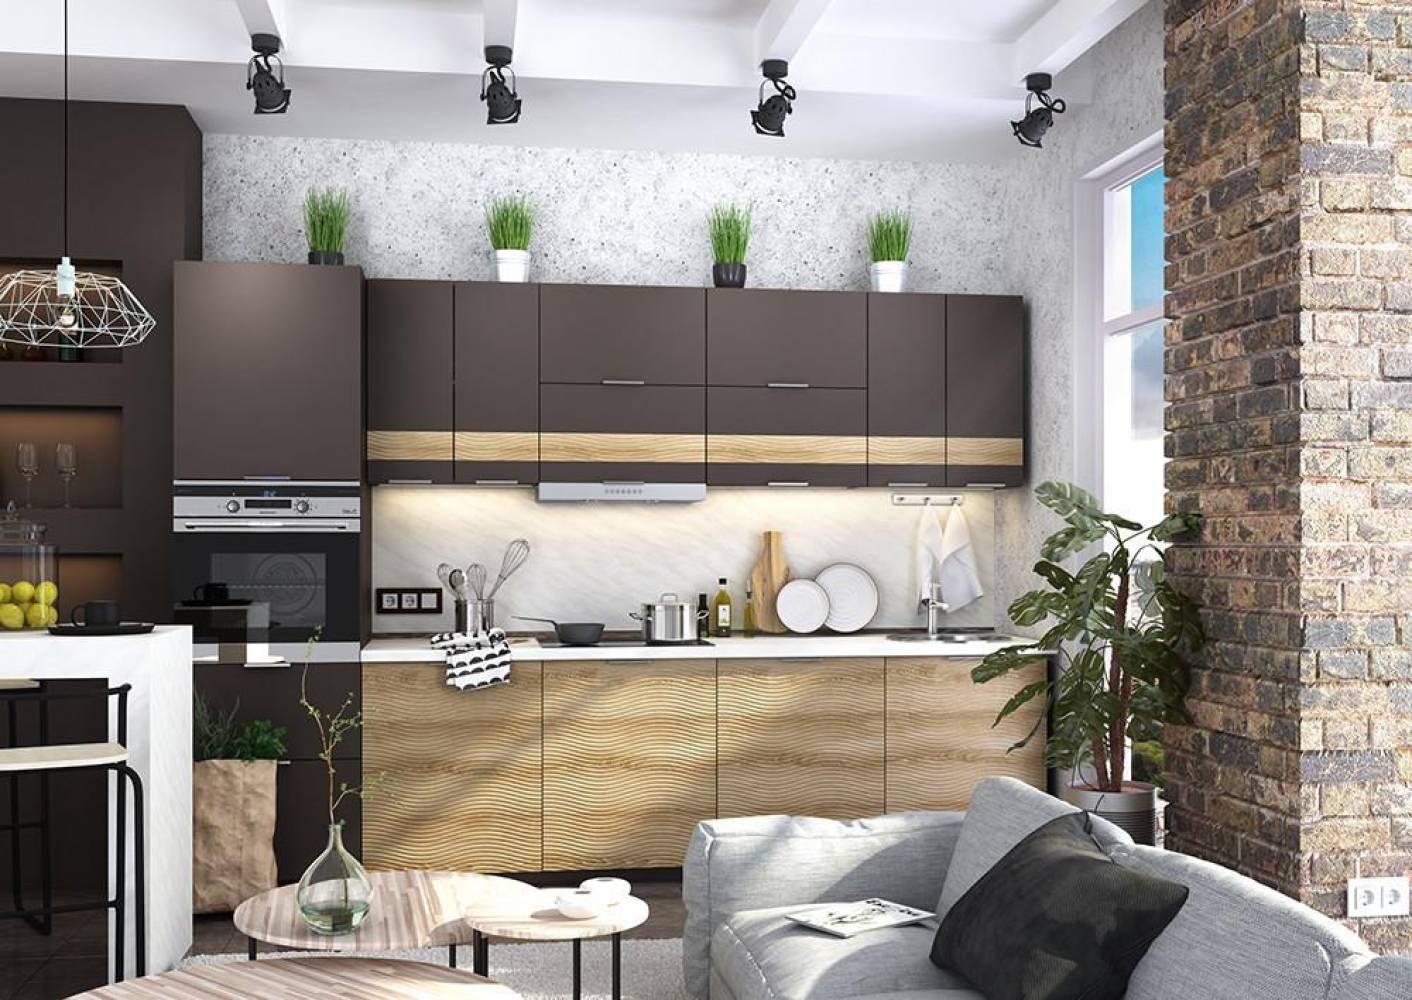 Кухня  ТЕРРА W (Венге) (2 цвета фасадов) Сурская мебель